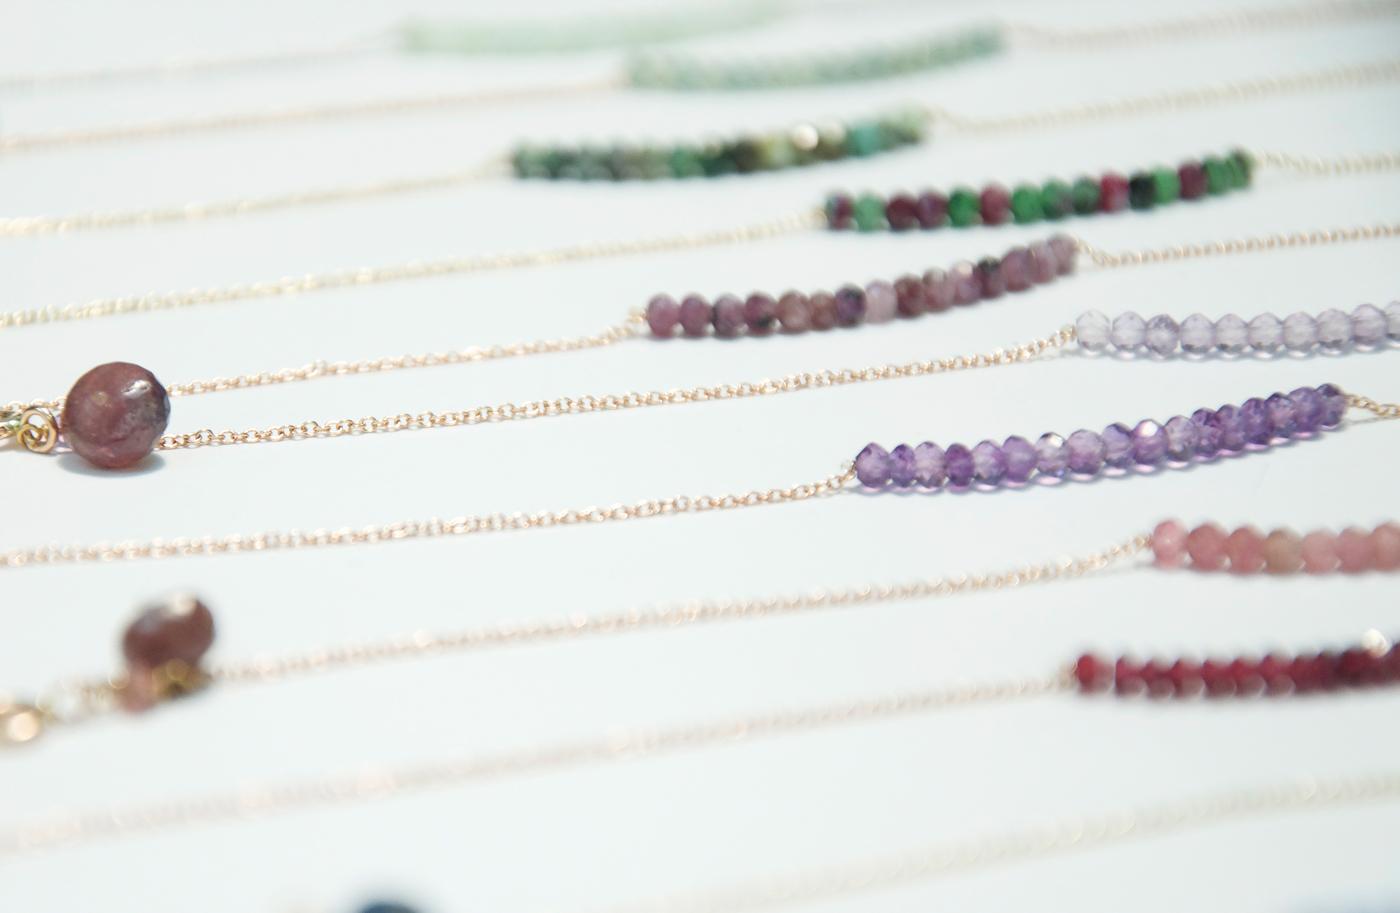 braccialetti-oro-e-pietre-gioielli-di-chiara-parra-e-daniele-pifferi-bologna